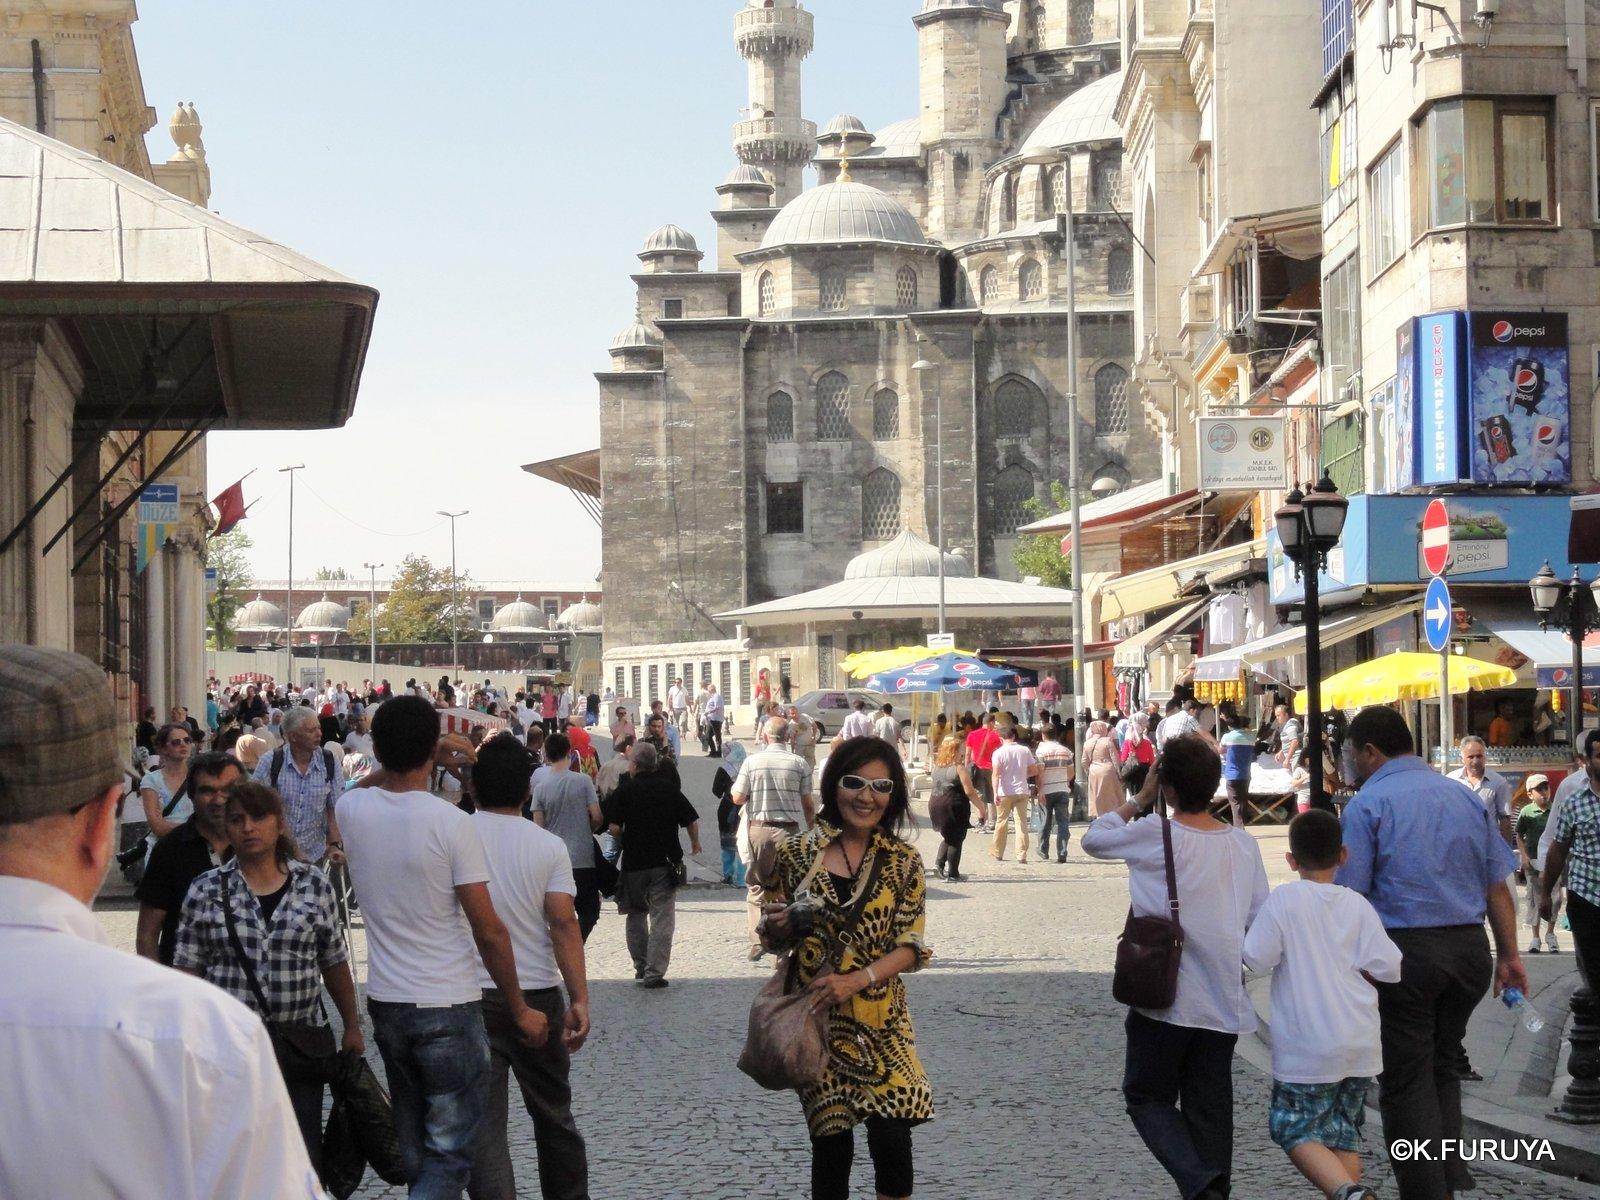 トルコ旅行記 37 イスタンブール旧市街その1_a0092659_22175596.jpg